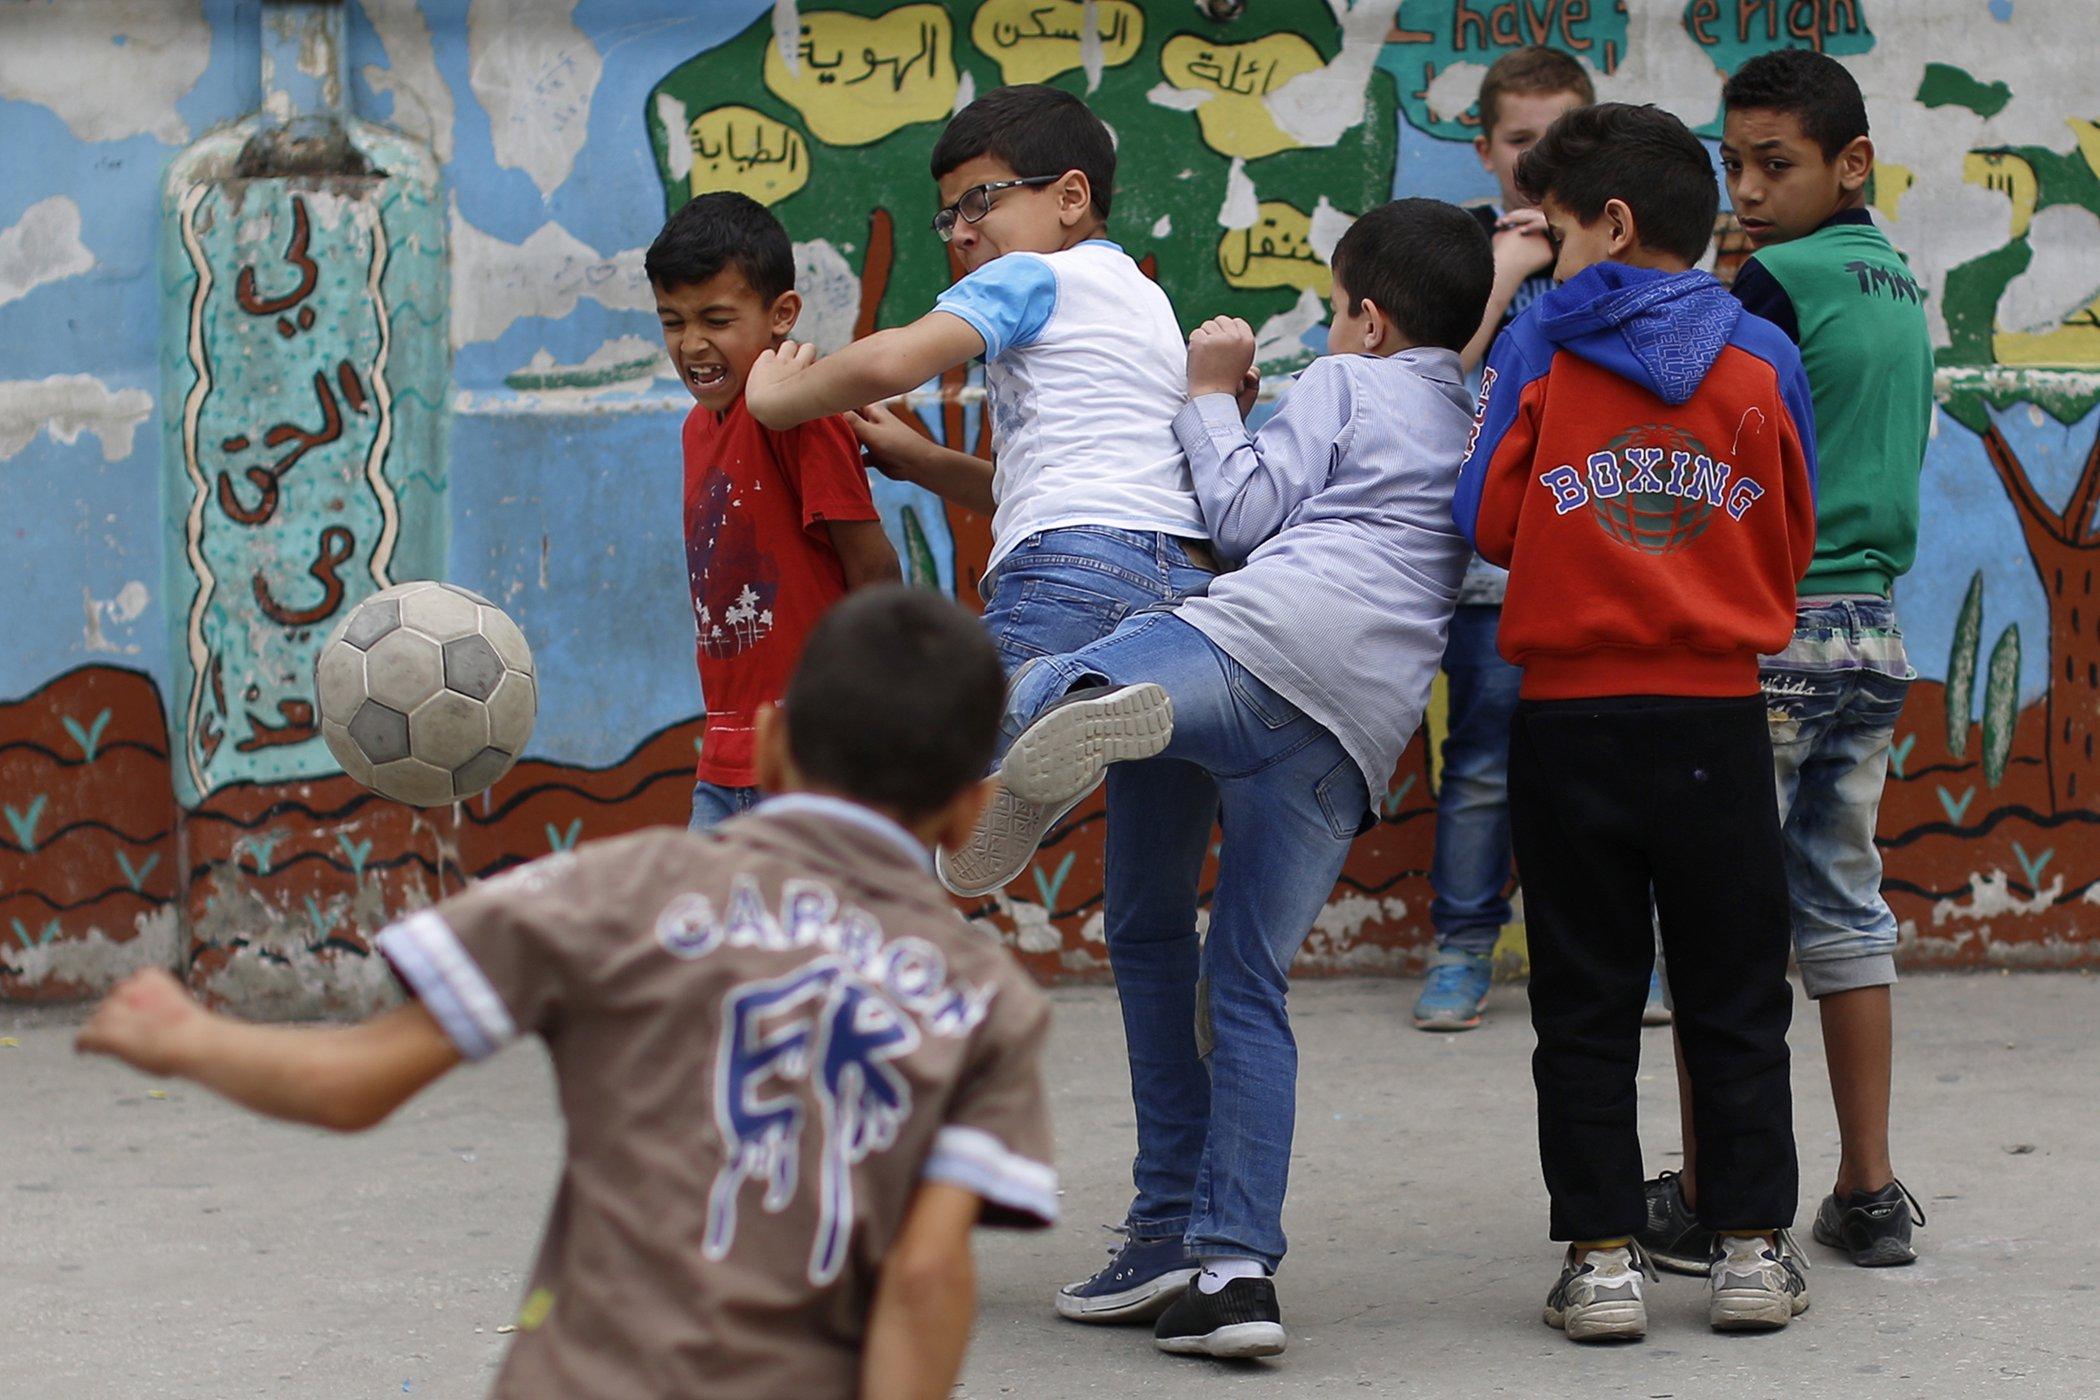 Soccer-Refugees-Kids.jpg